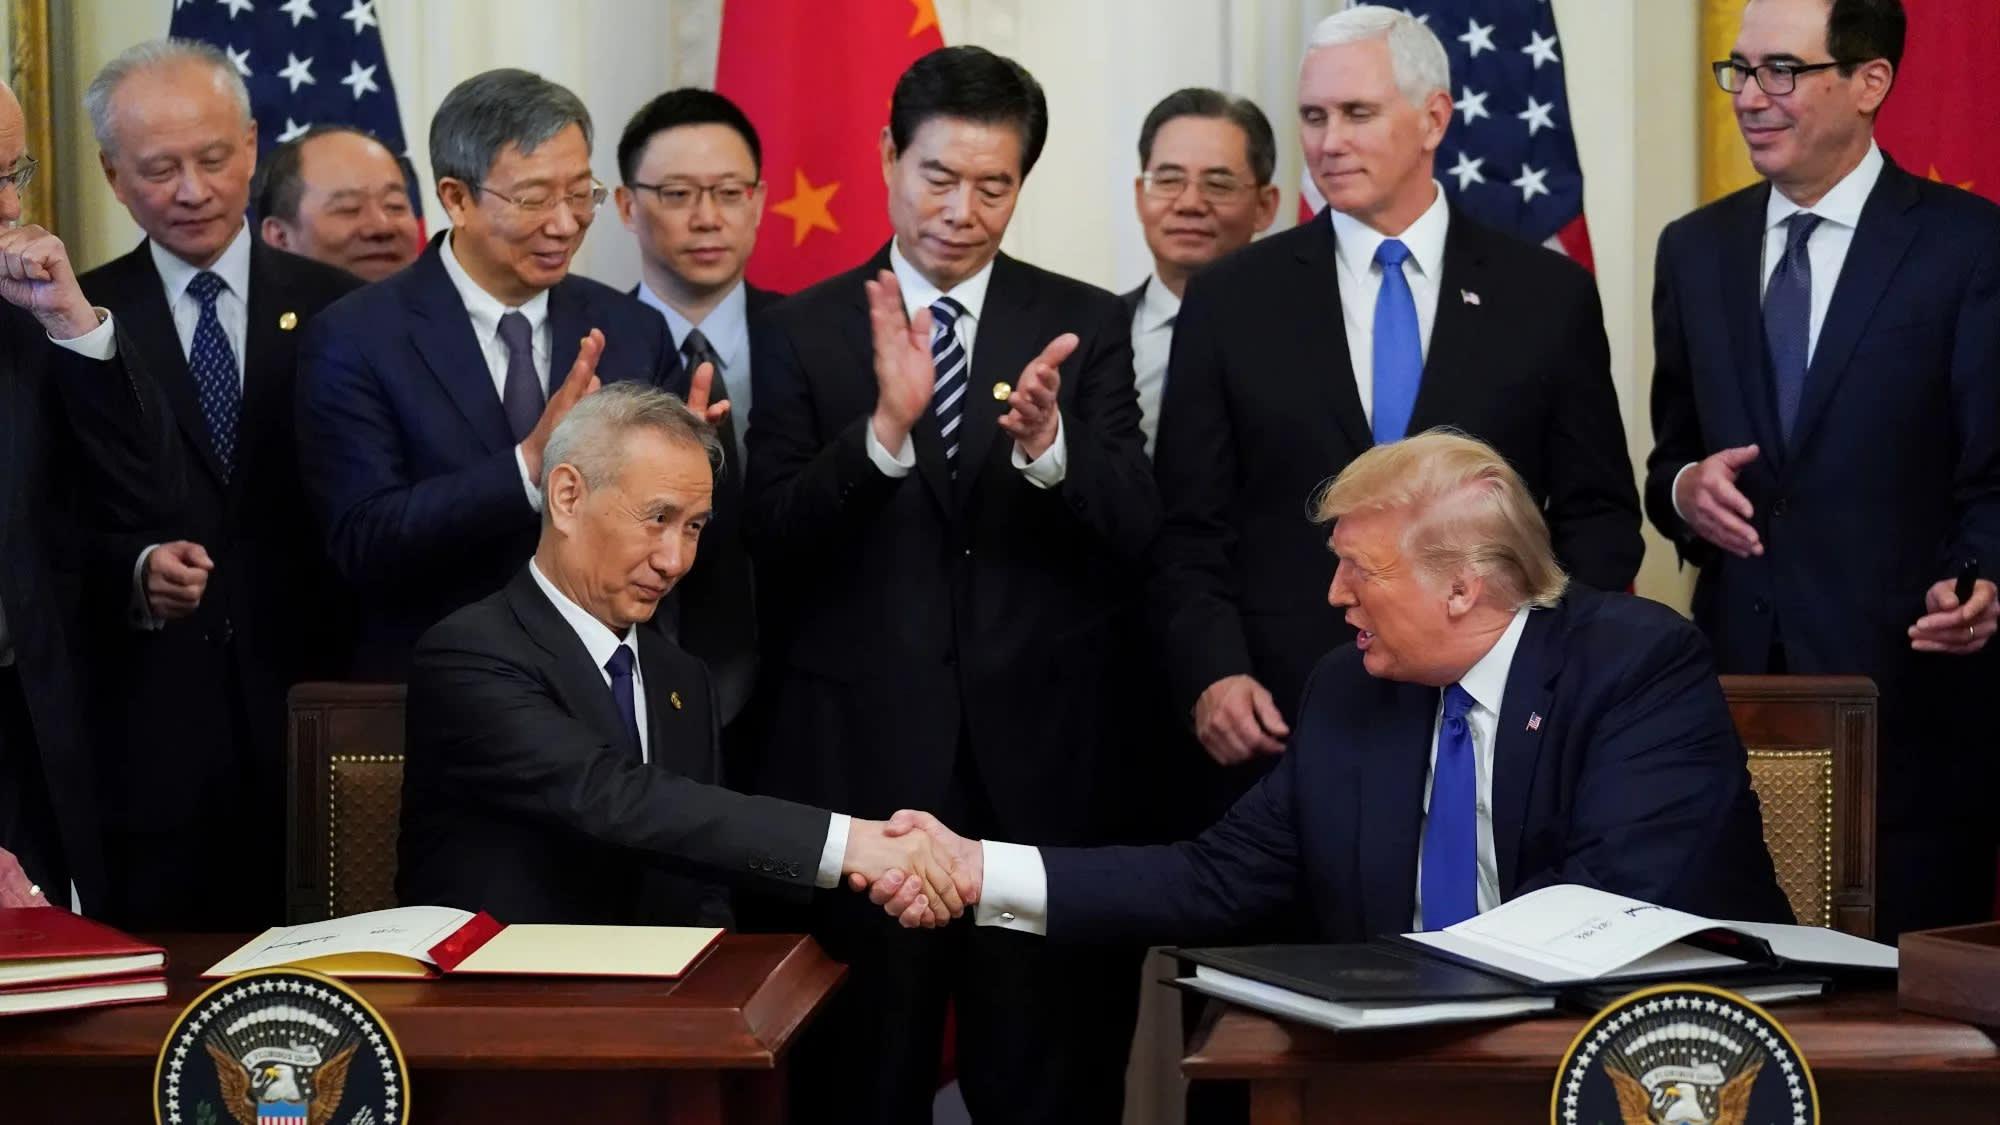 Thực chất kinh tế Trung Quốc đang đứng đâu trong cỗ máy kinh tế toàn cầu? - 7